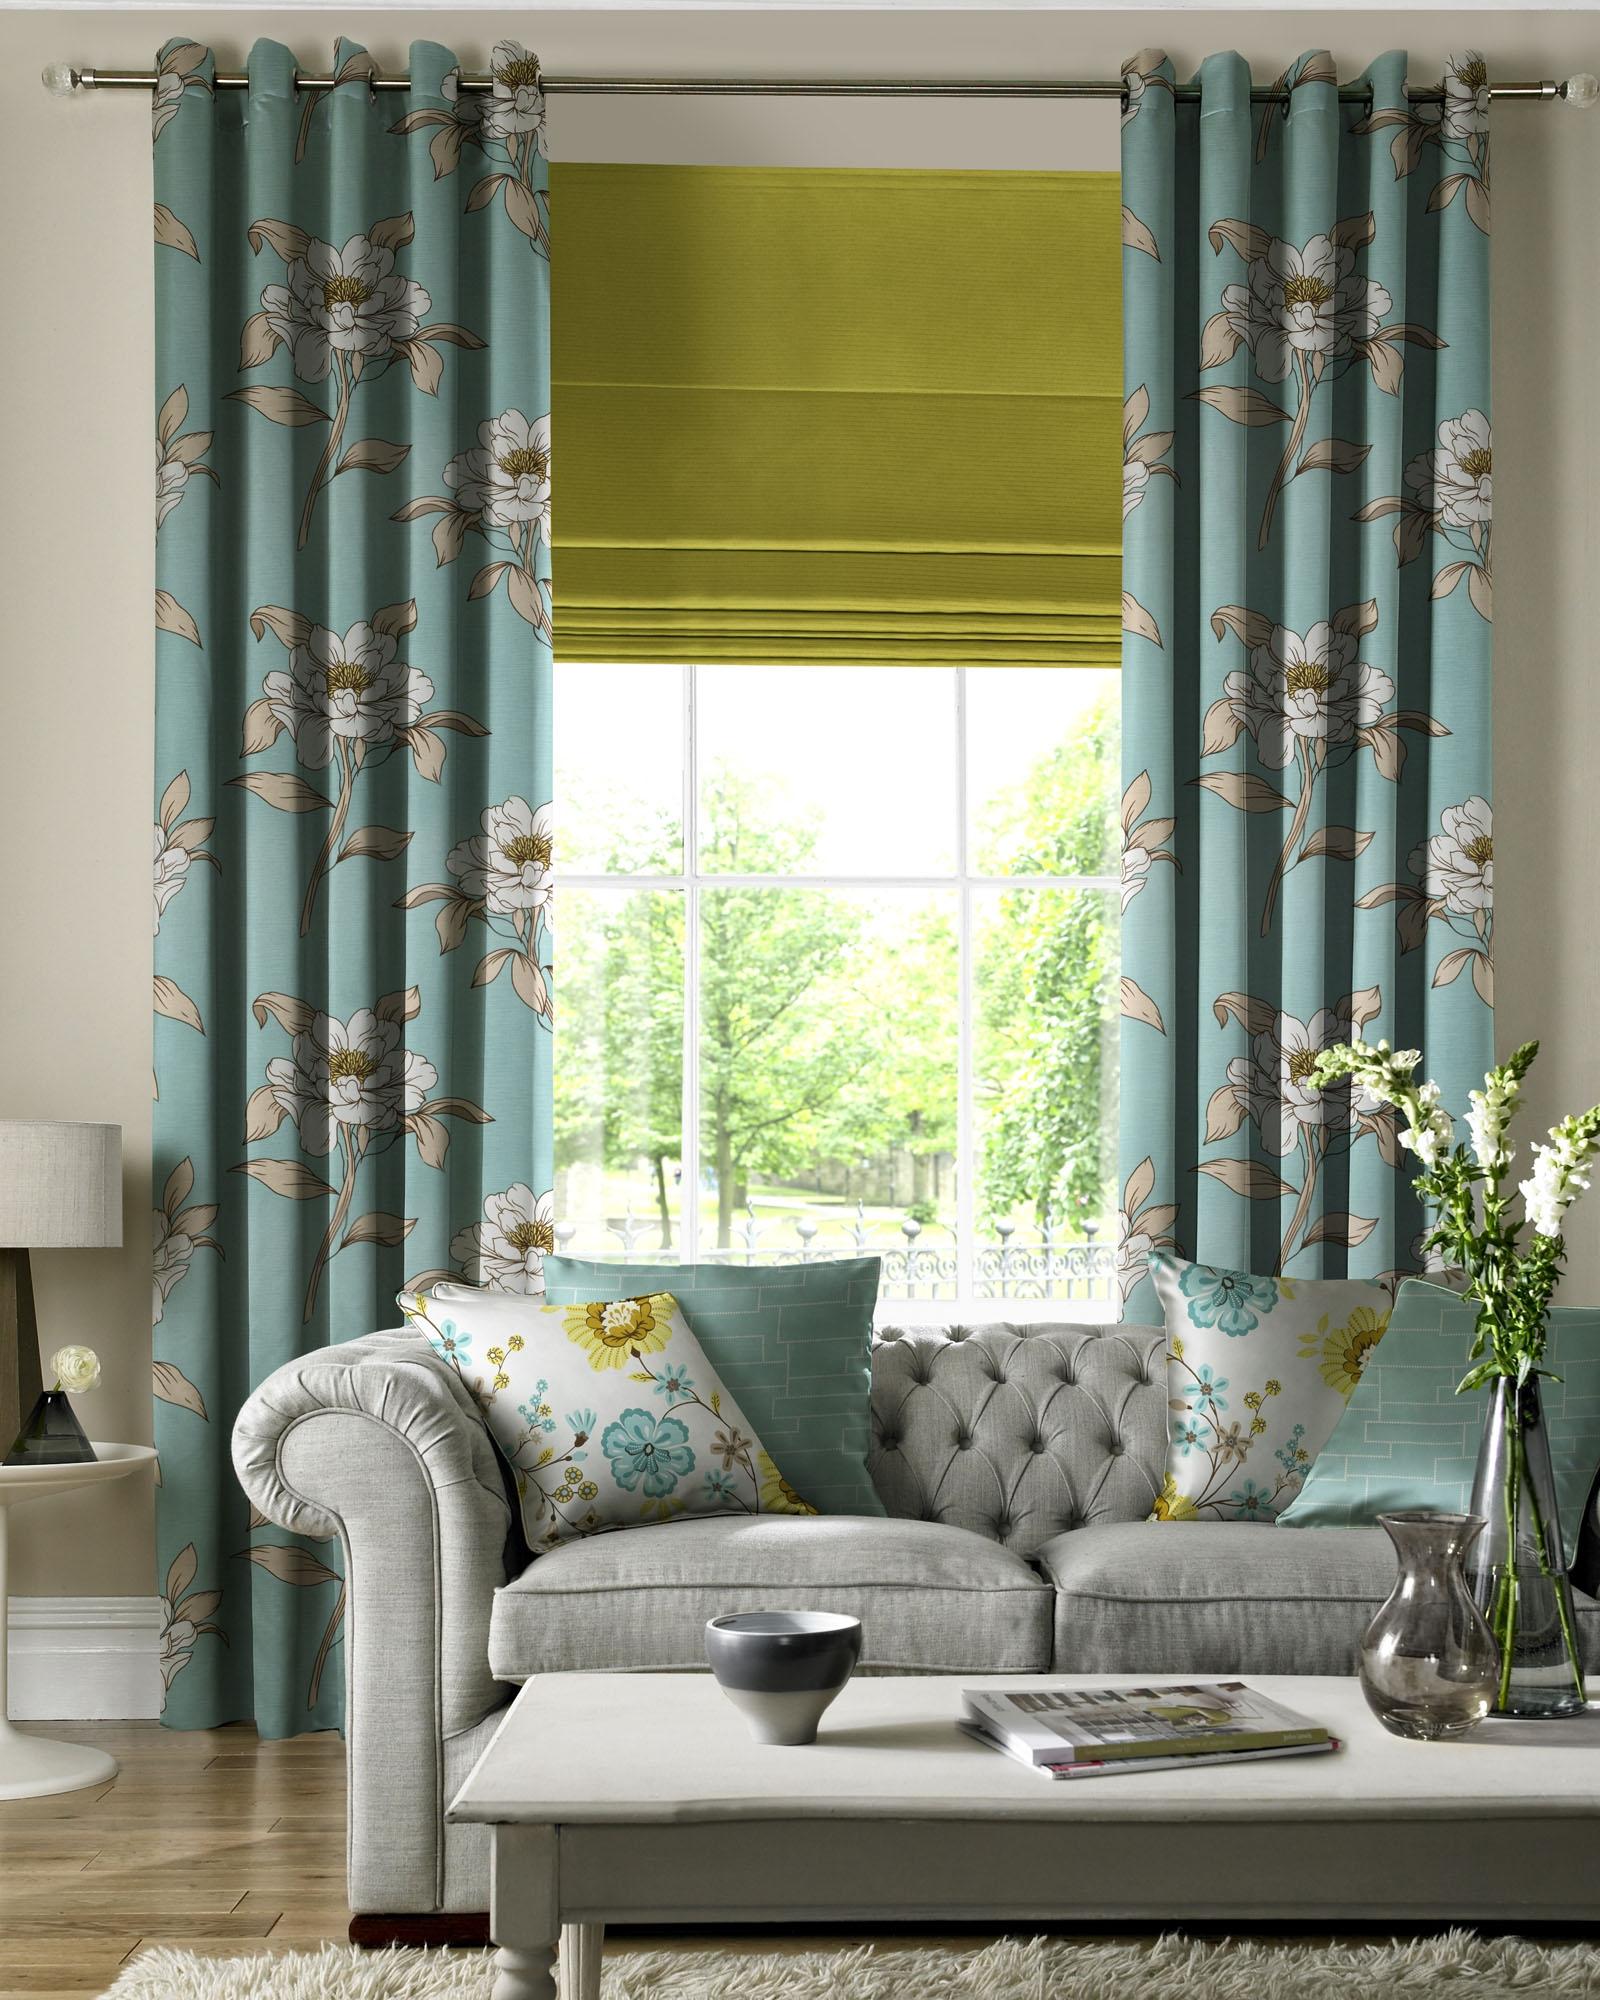 Curtains With Matching Roman Blinds  Curtain Menzilperdenet